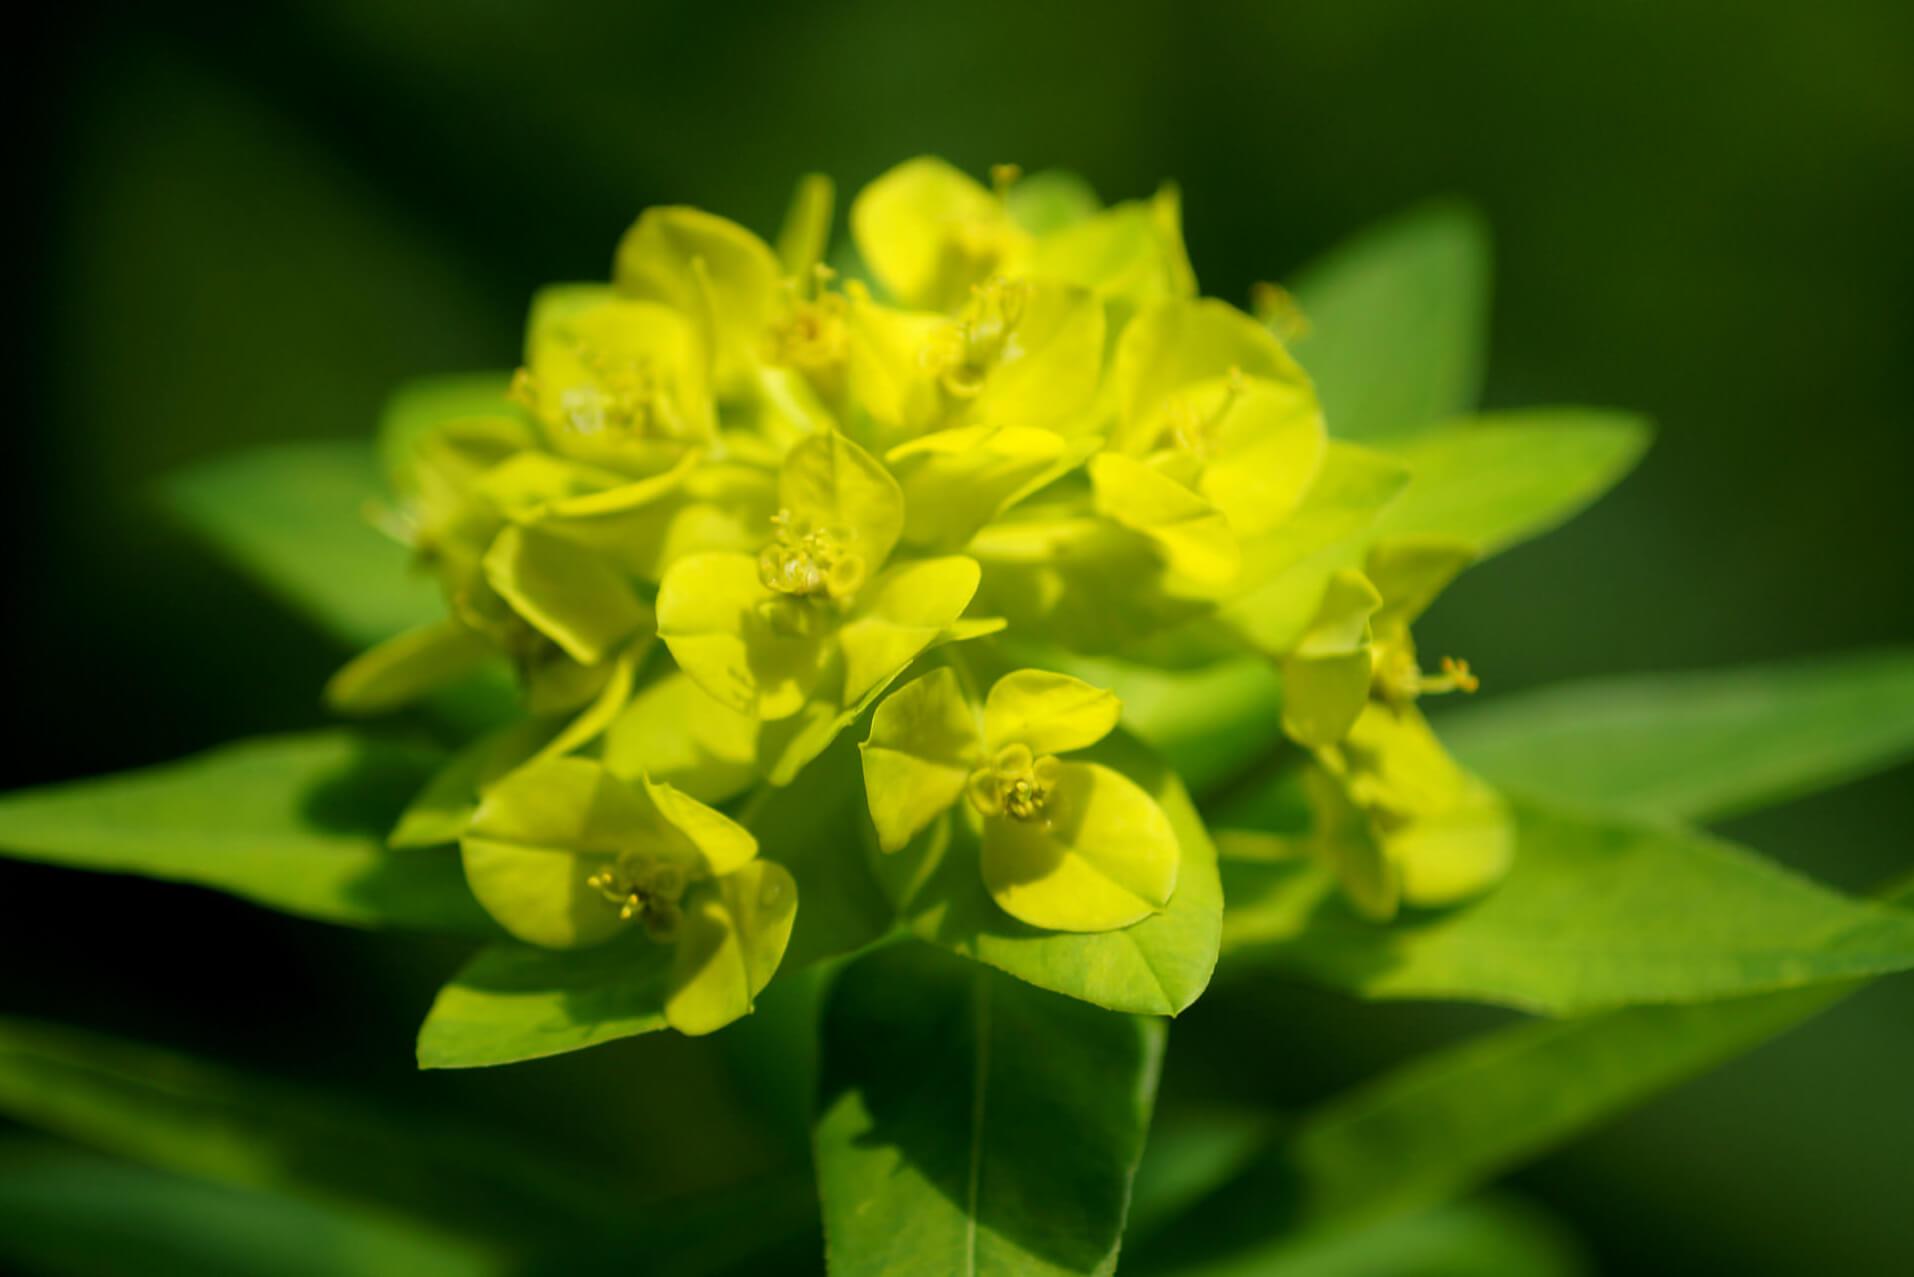 Euphorbia polychroma, Euphorbia epithymoides – wilczomlecz pstry, złocisty